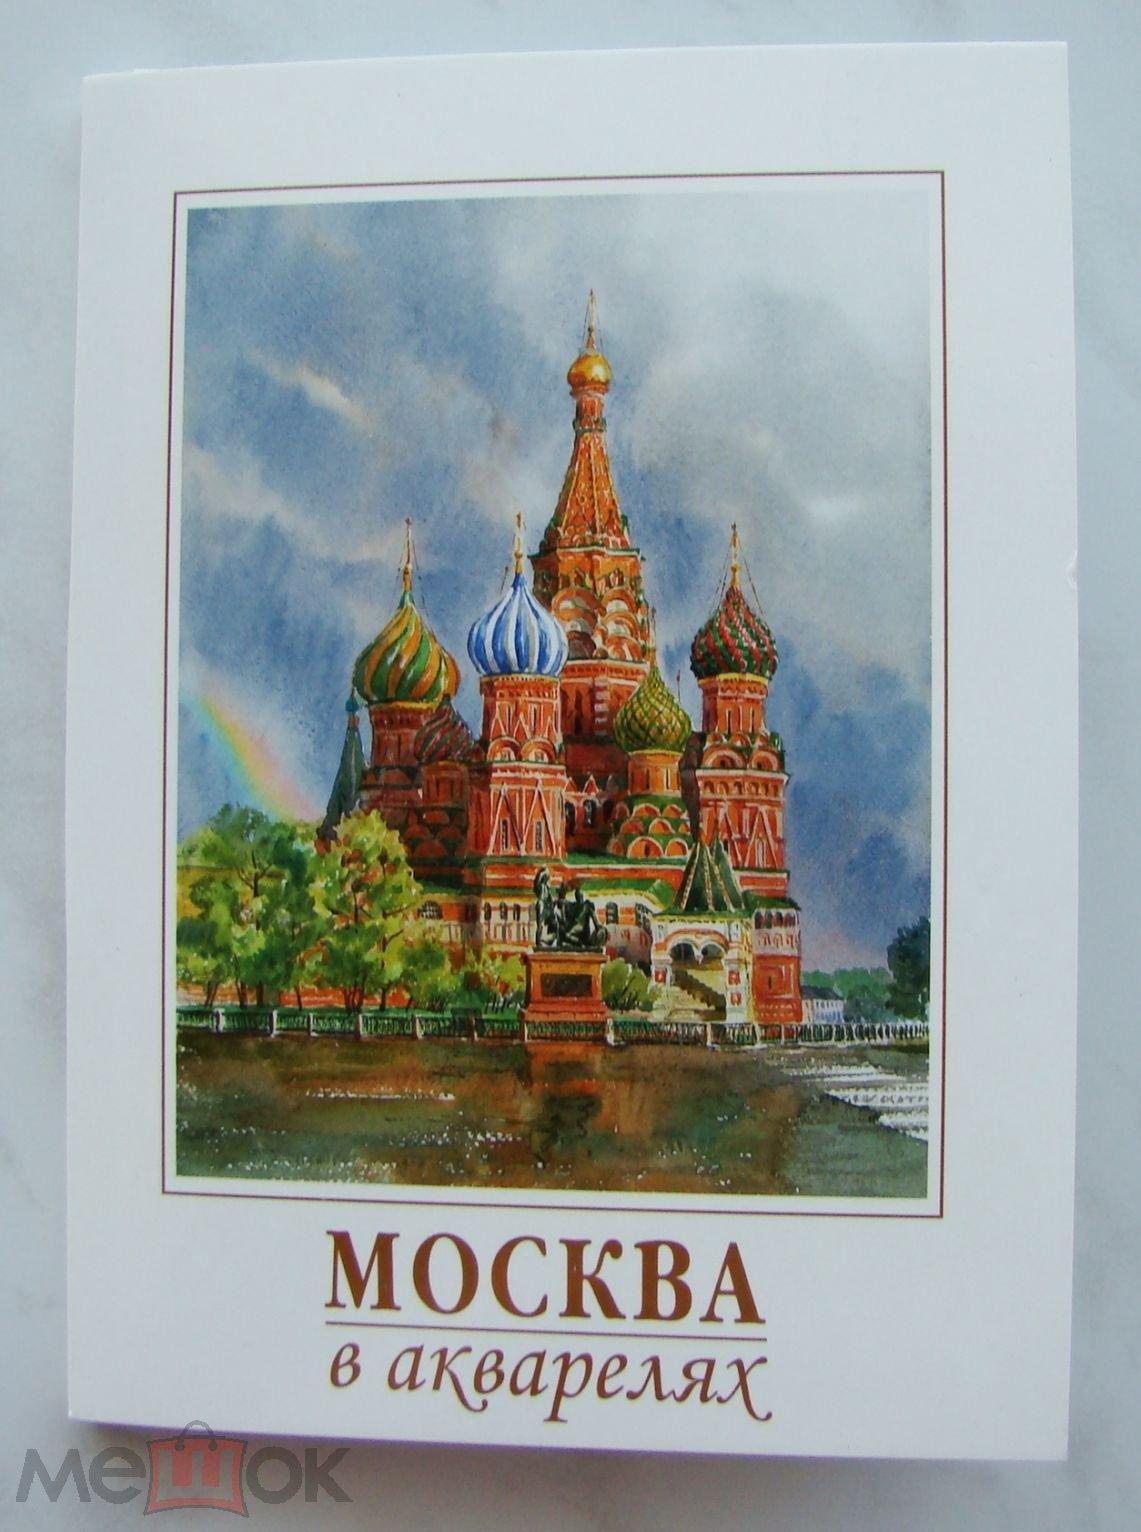 Мишками, открытка с днем рождения с видом москвы